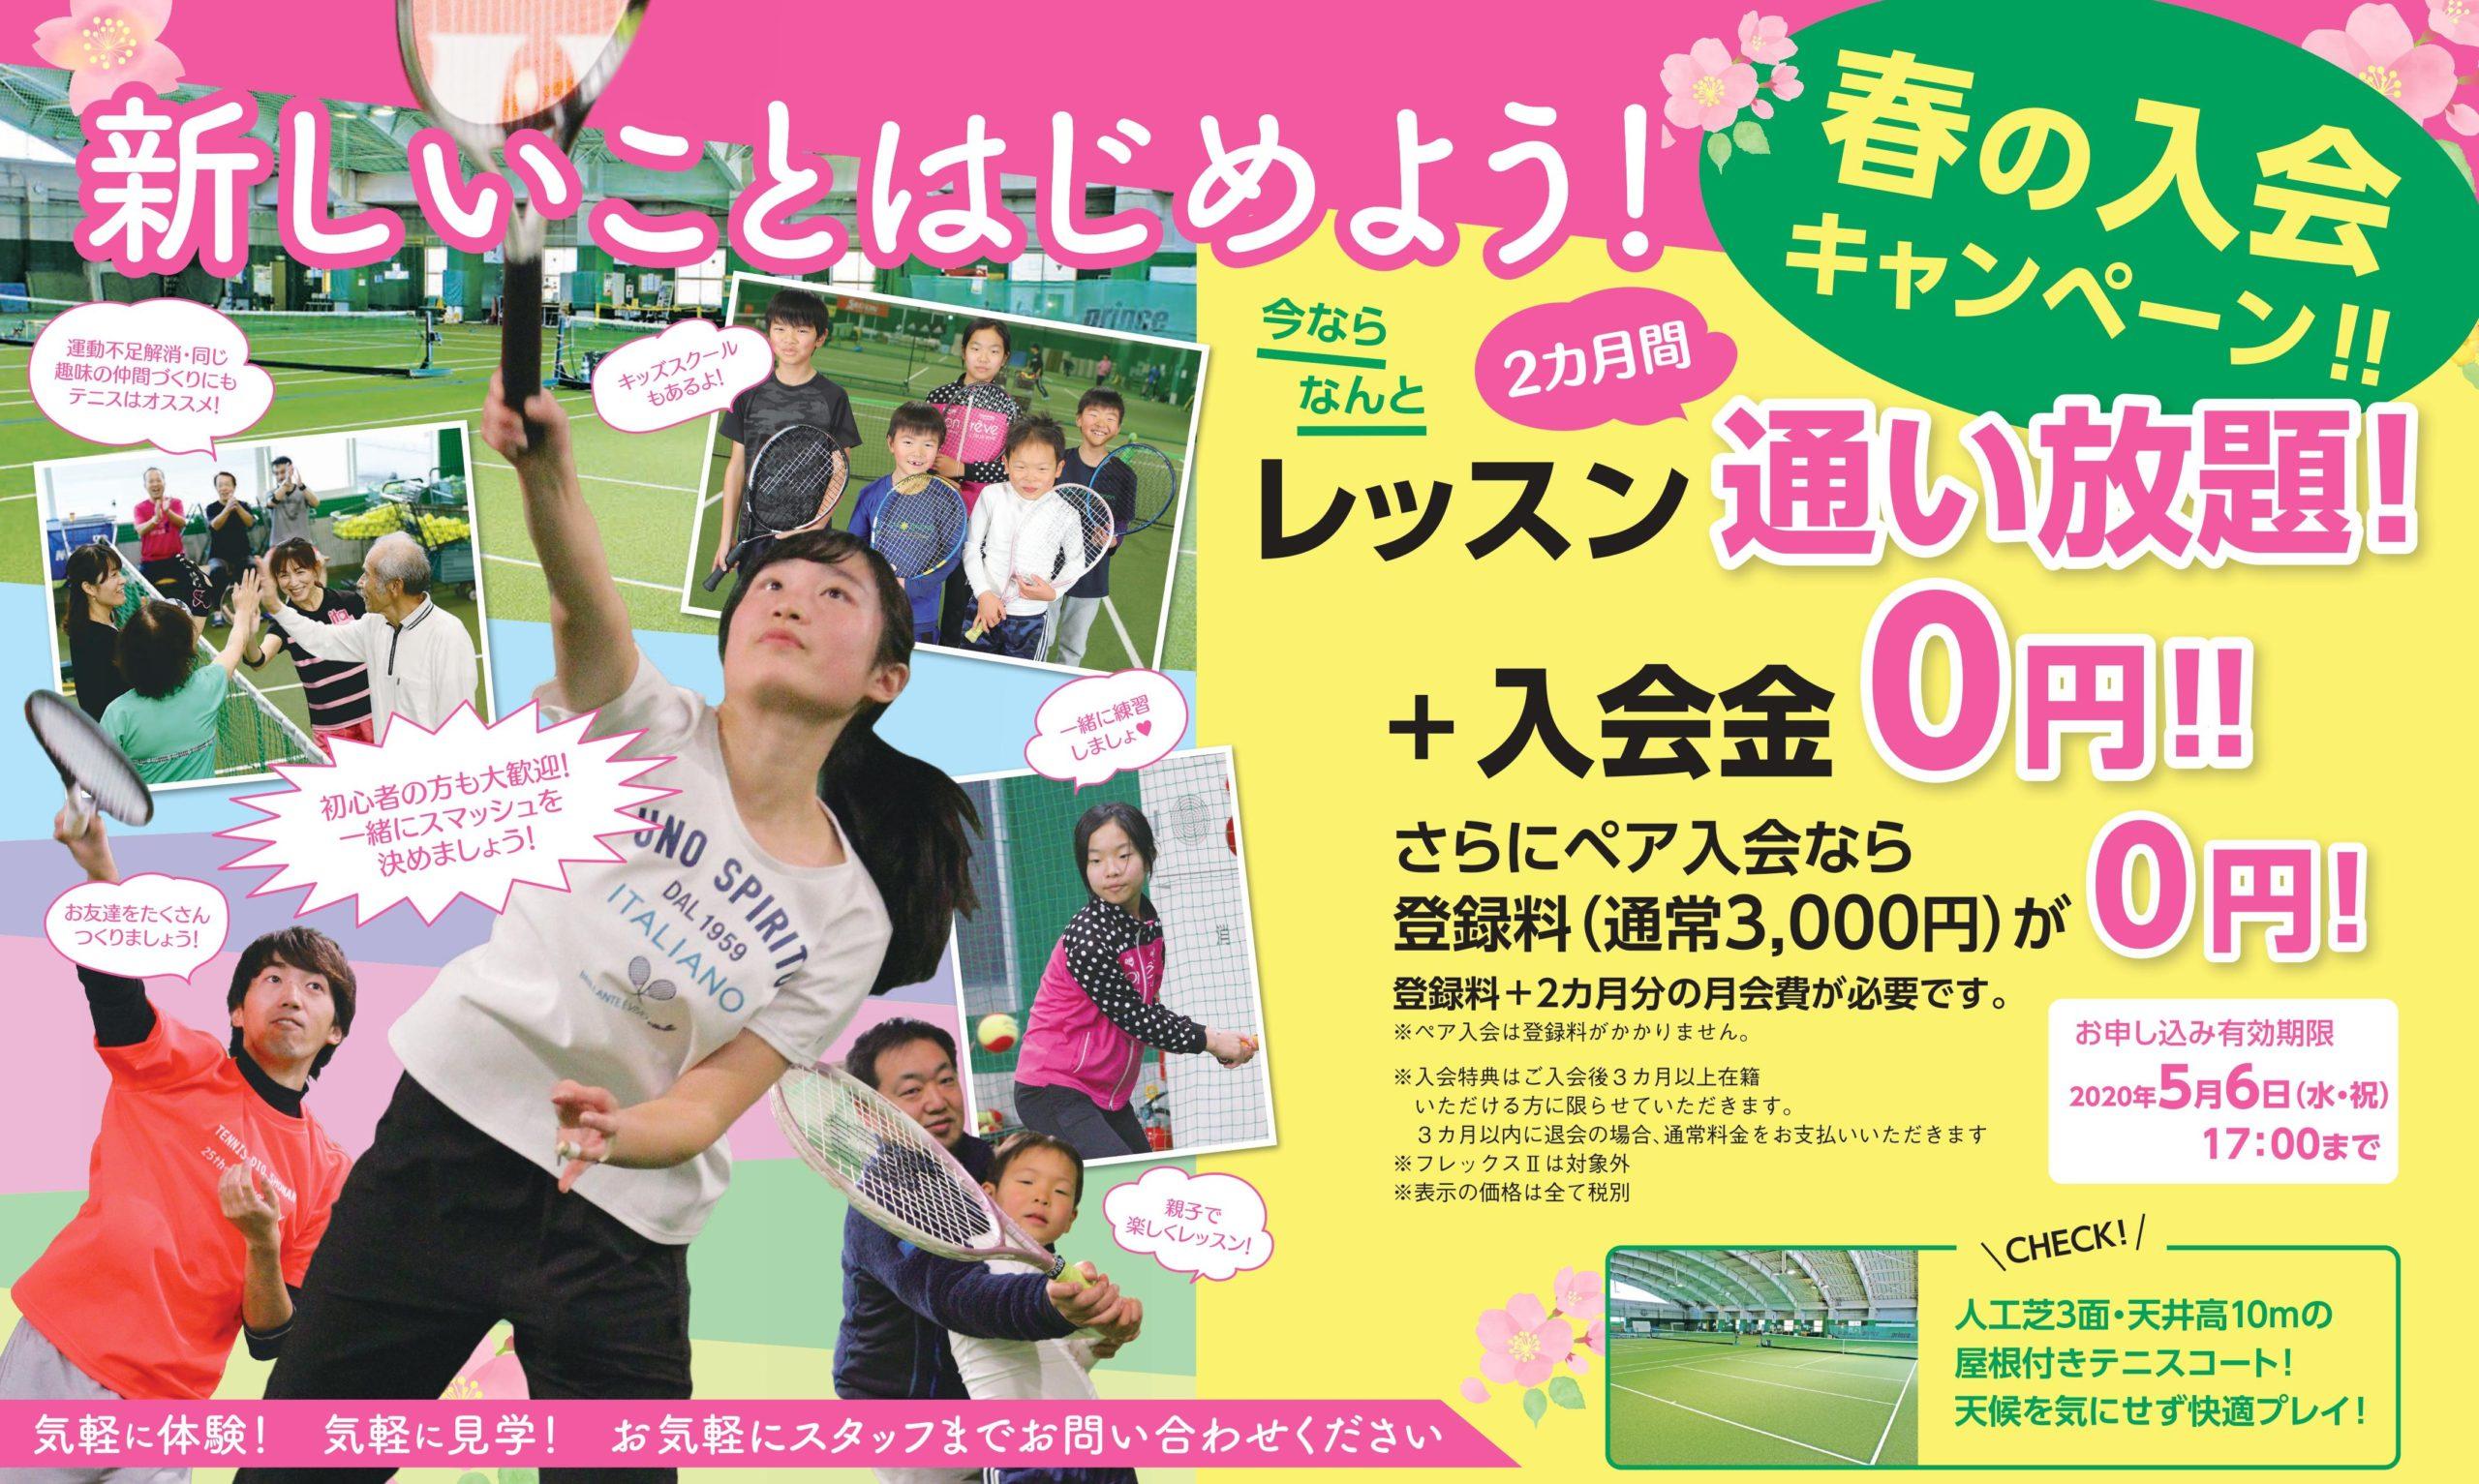 通い放題キャンペーン開催!